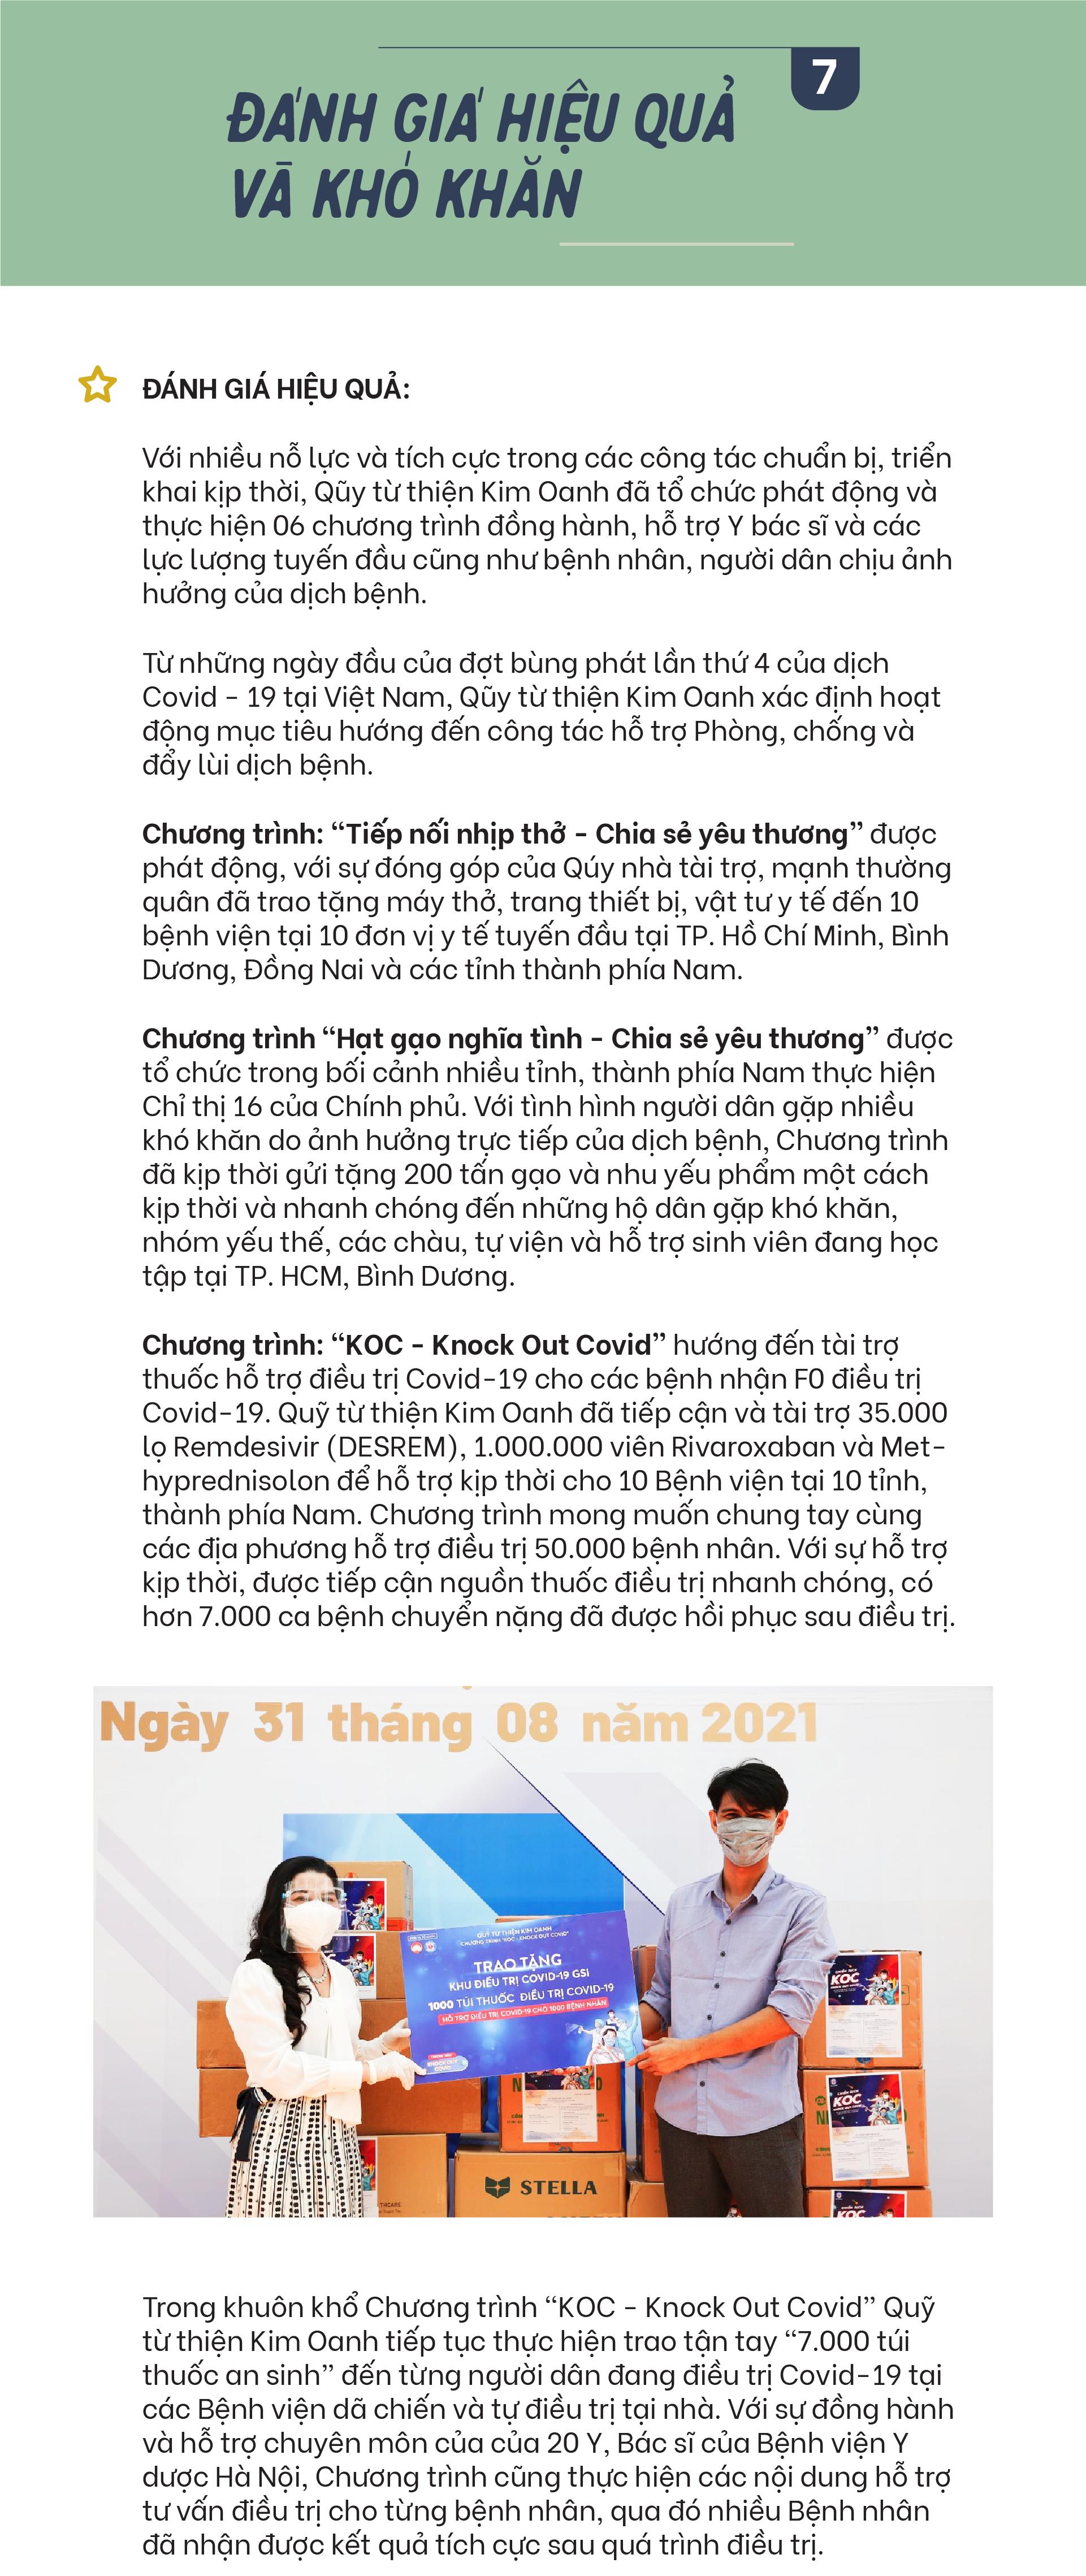 Quỹ từ thiện Kim Oanh trong cuộc chiến phòng, chống COVID-19 - ảnh 8